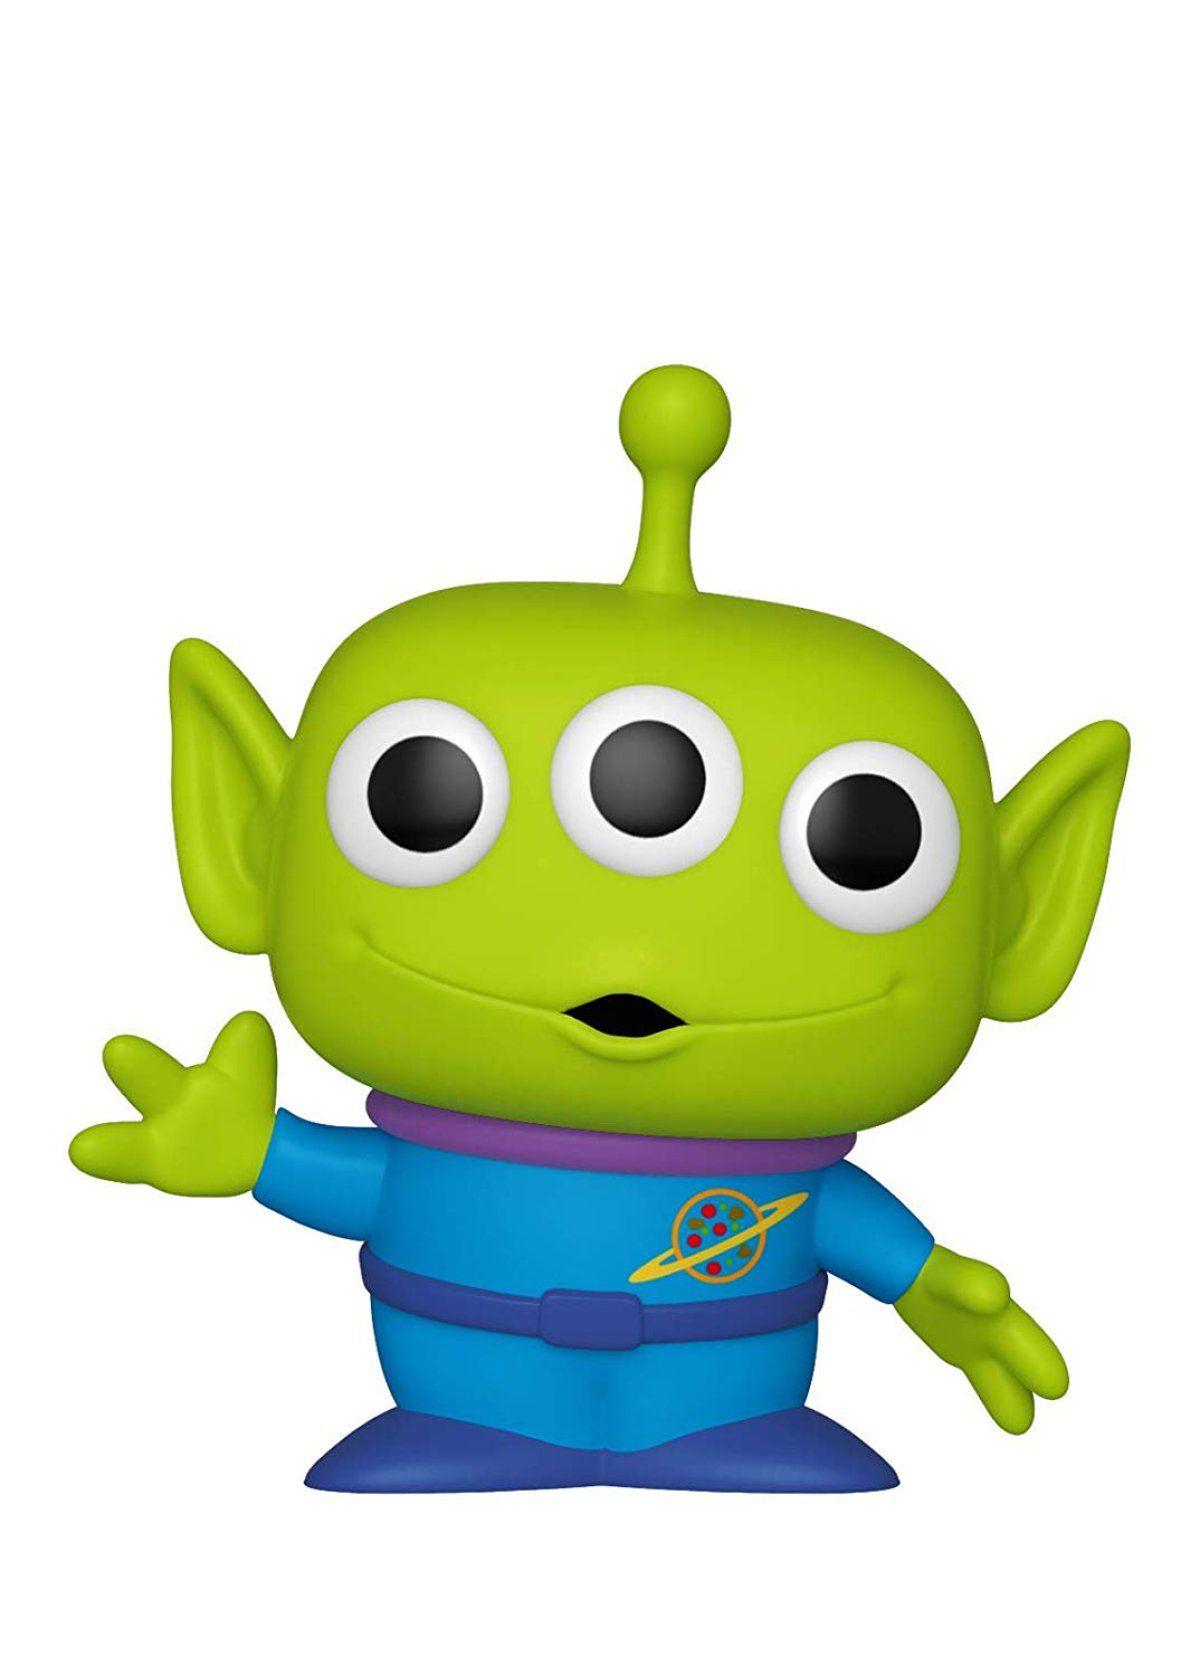 Eres Fan De Toy Story Necesitas Esto Dibujos Toy Story Toy Story Personajes Juguetes De Disney